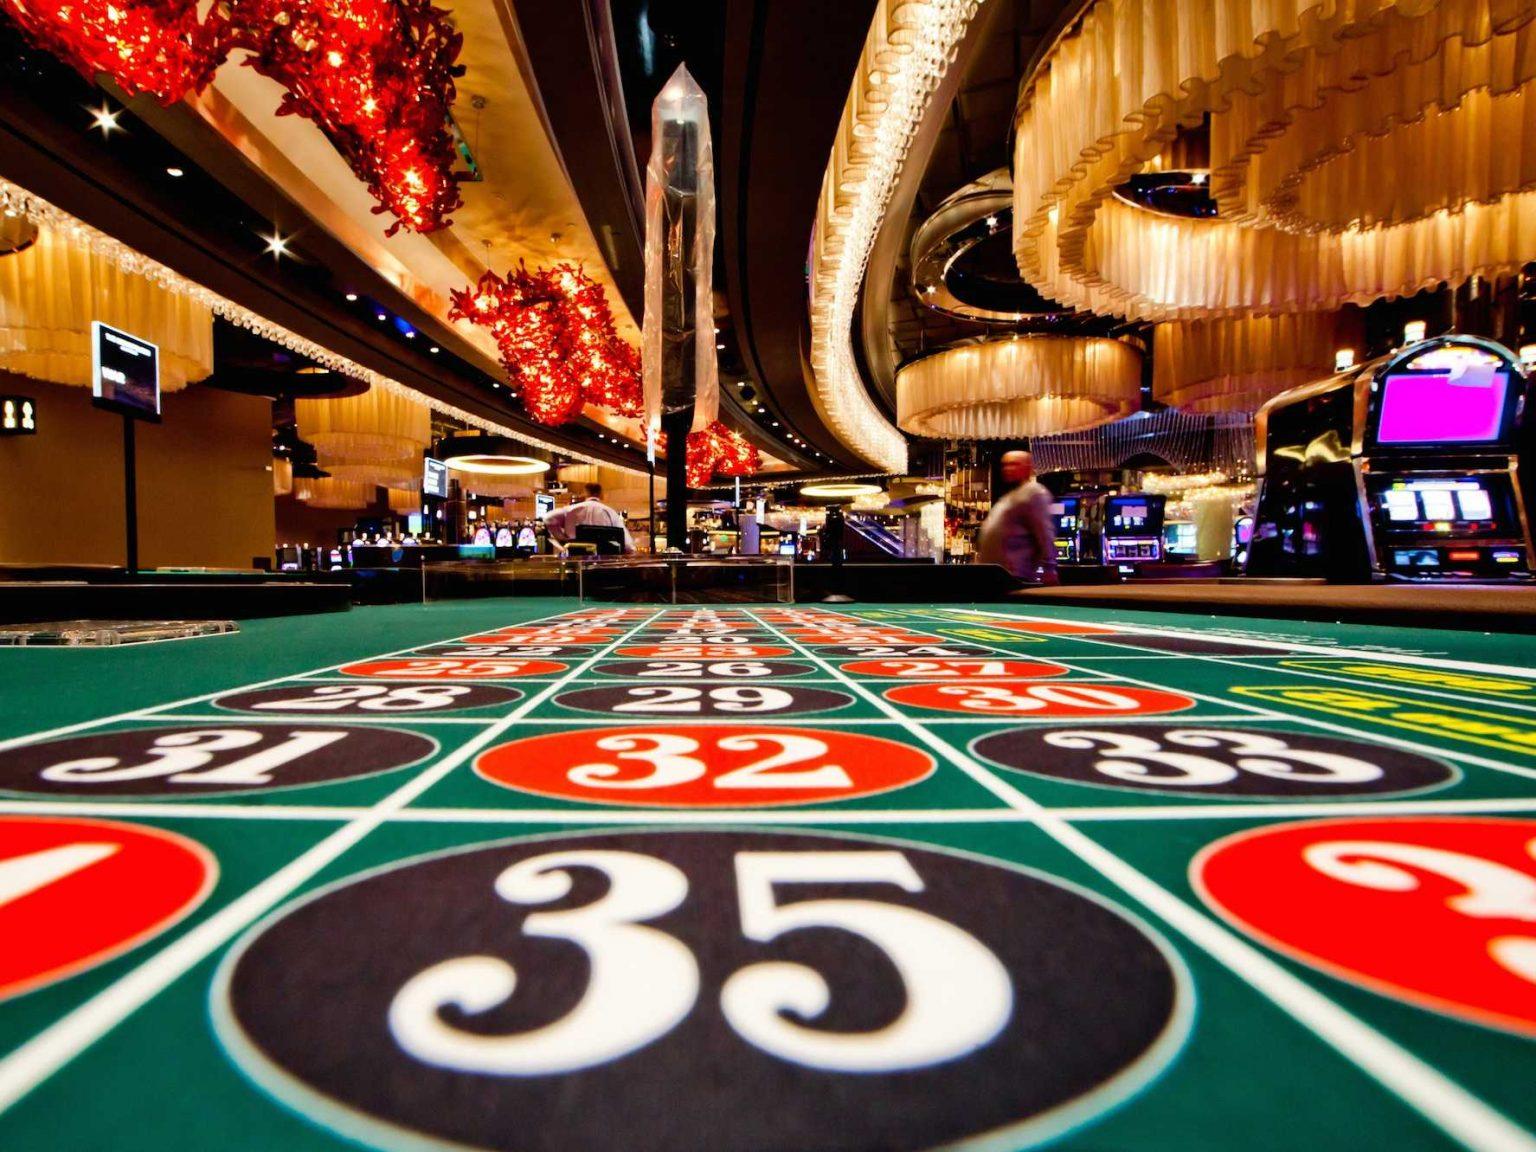 официальный сайт лучшие онлайн казино мира с быстрыми выплатами